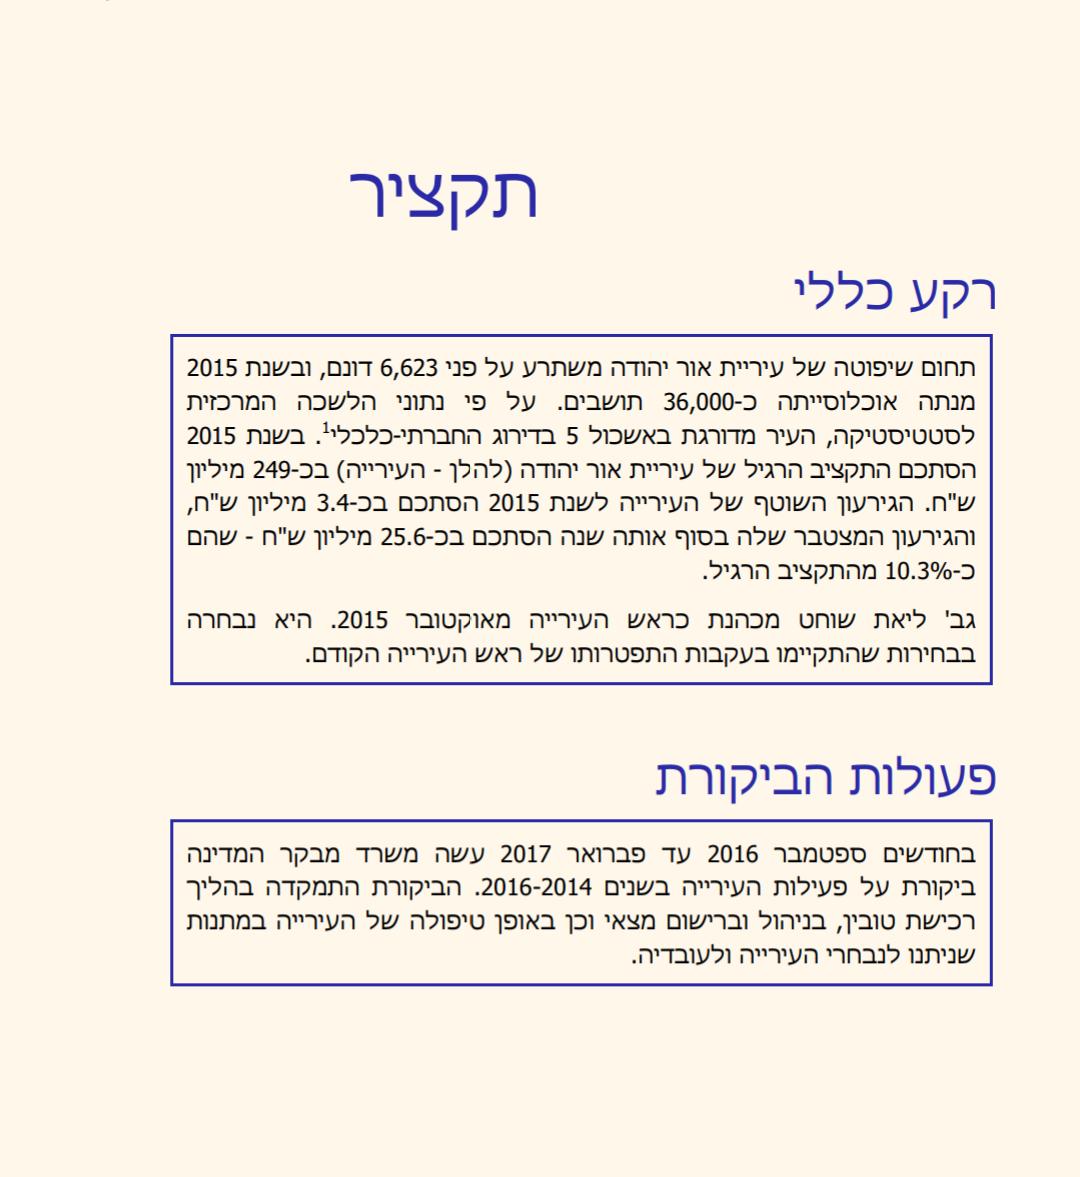 דוח מבקר המדינה אור יהודה